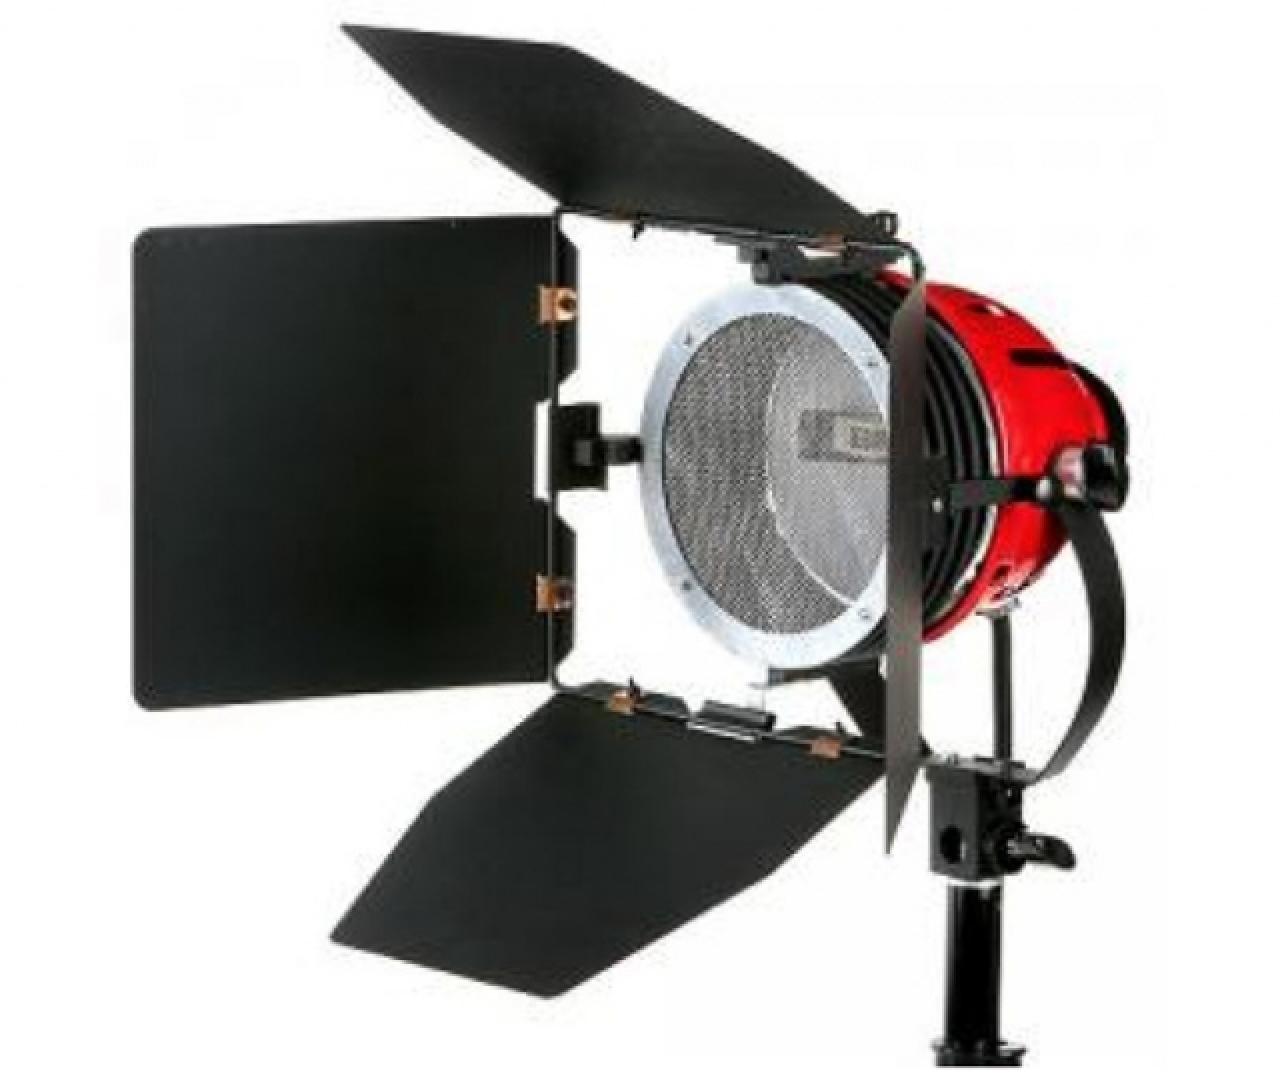 Da Soffitto Con Lampada Illuminazione Acquista Online Ventilatori Pictures to...